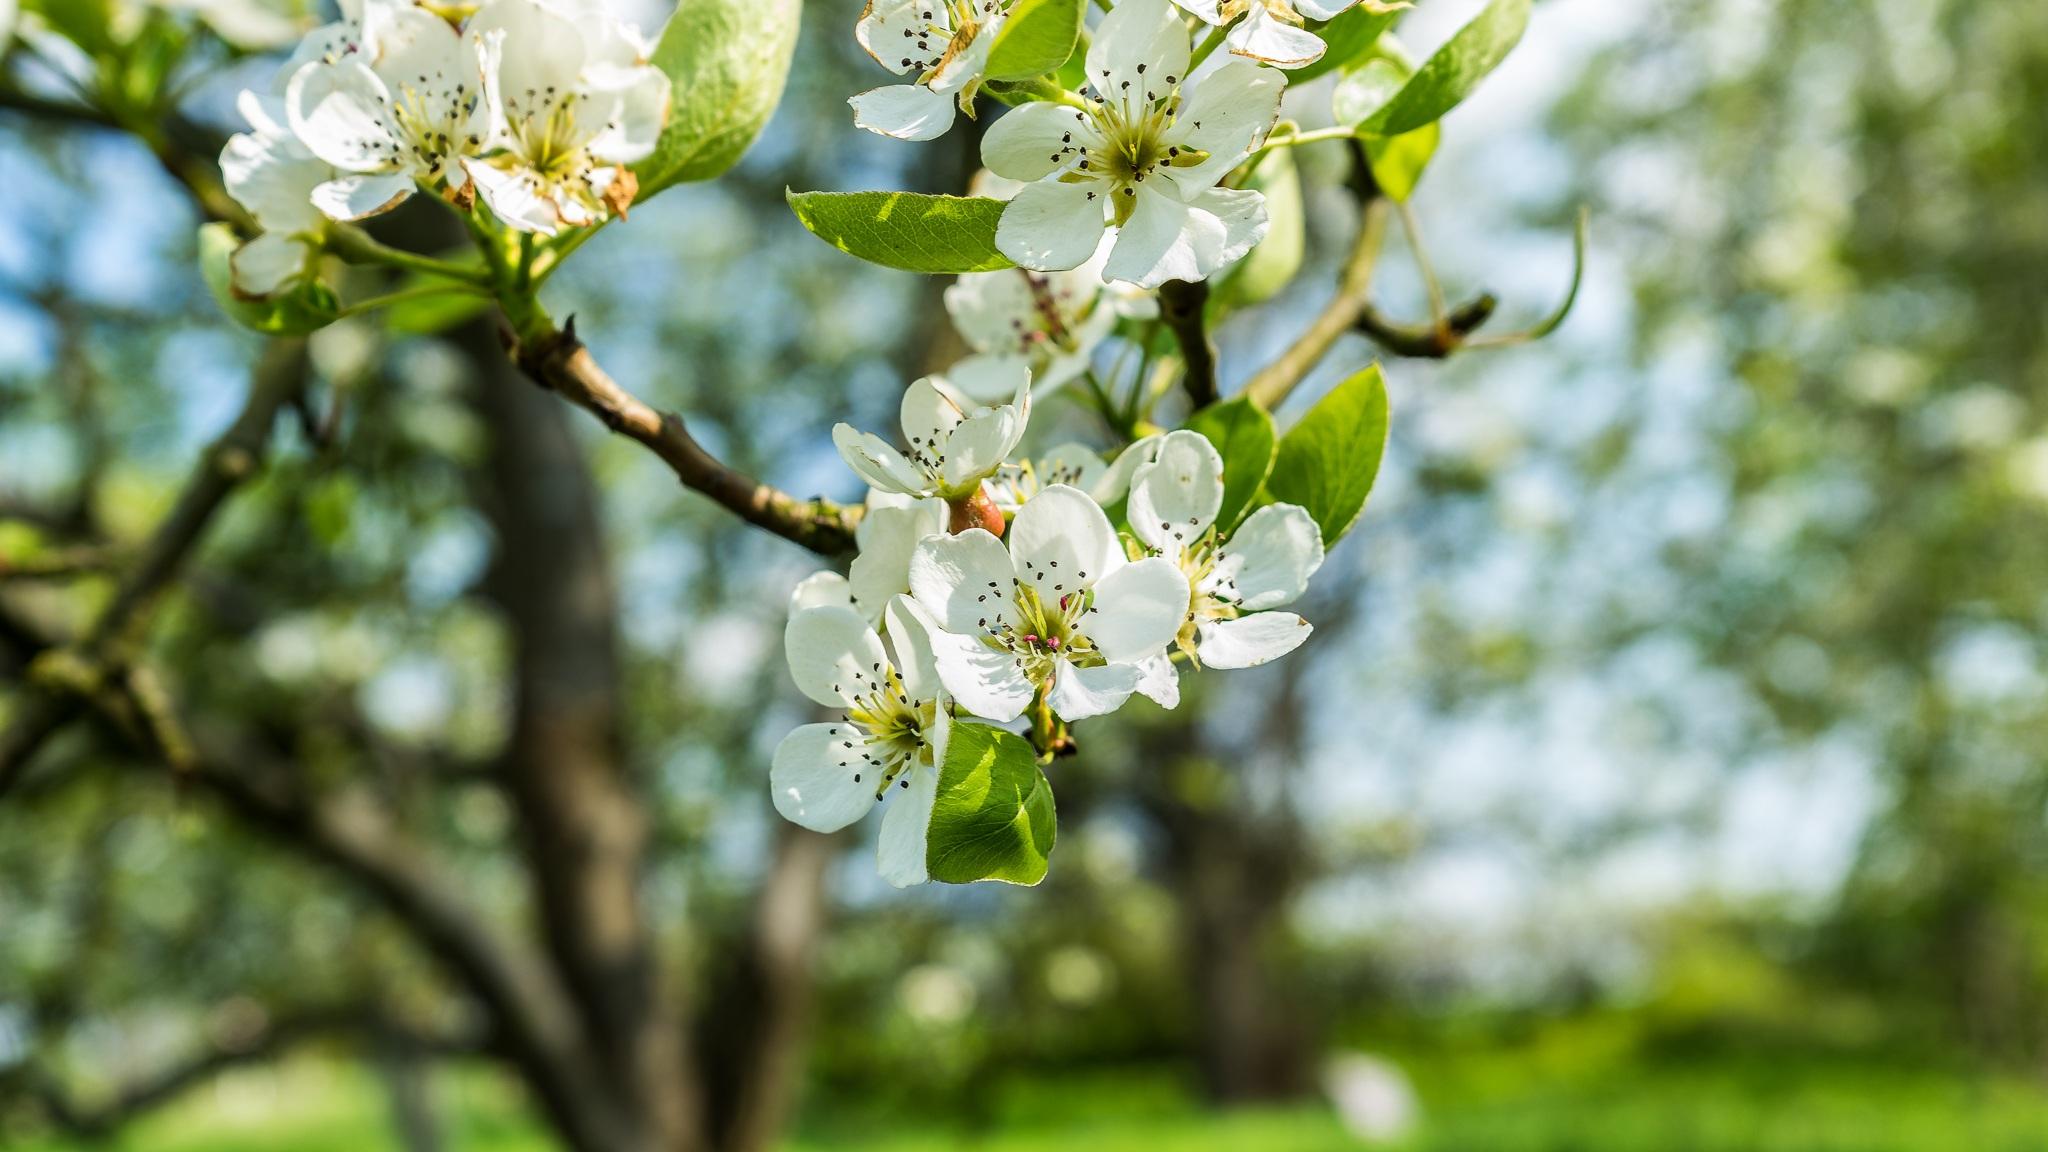 rvore natureza ramo flor plantar luz solar flor comida primavera verde produzir parque botnica flora limo flores silvestres flores